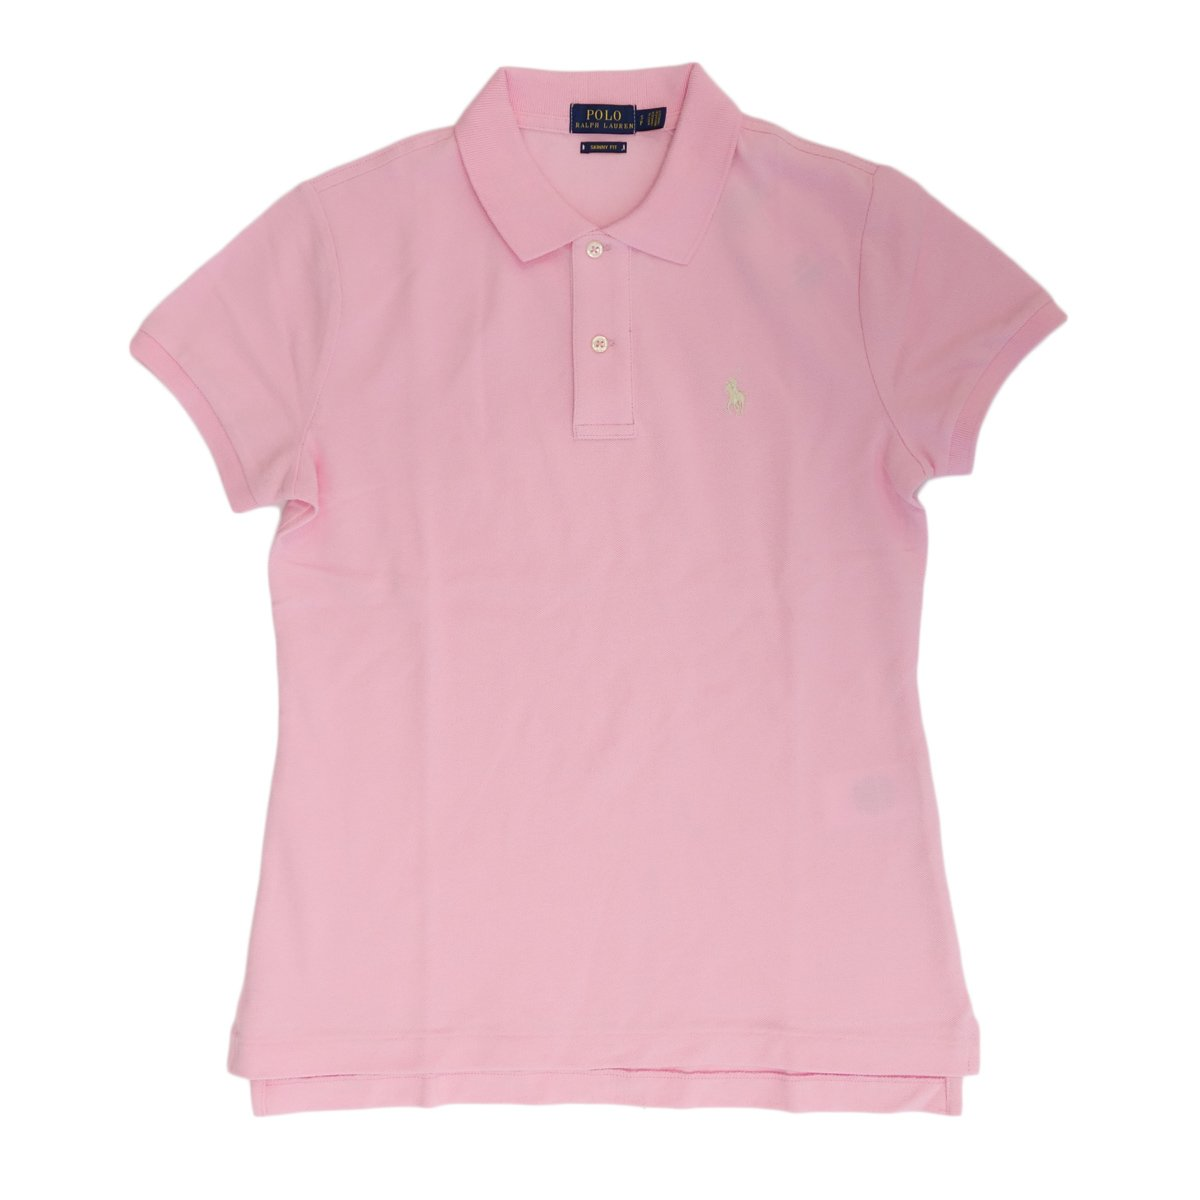 (ポロ ラルフローレン) POLO Ralph Lauren ポロシャツ ポニー ワンポイント レディース [並行輸入品] B07DT547GG XS ピンク×オフホワイト ピンク×オフホワイト XS